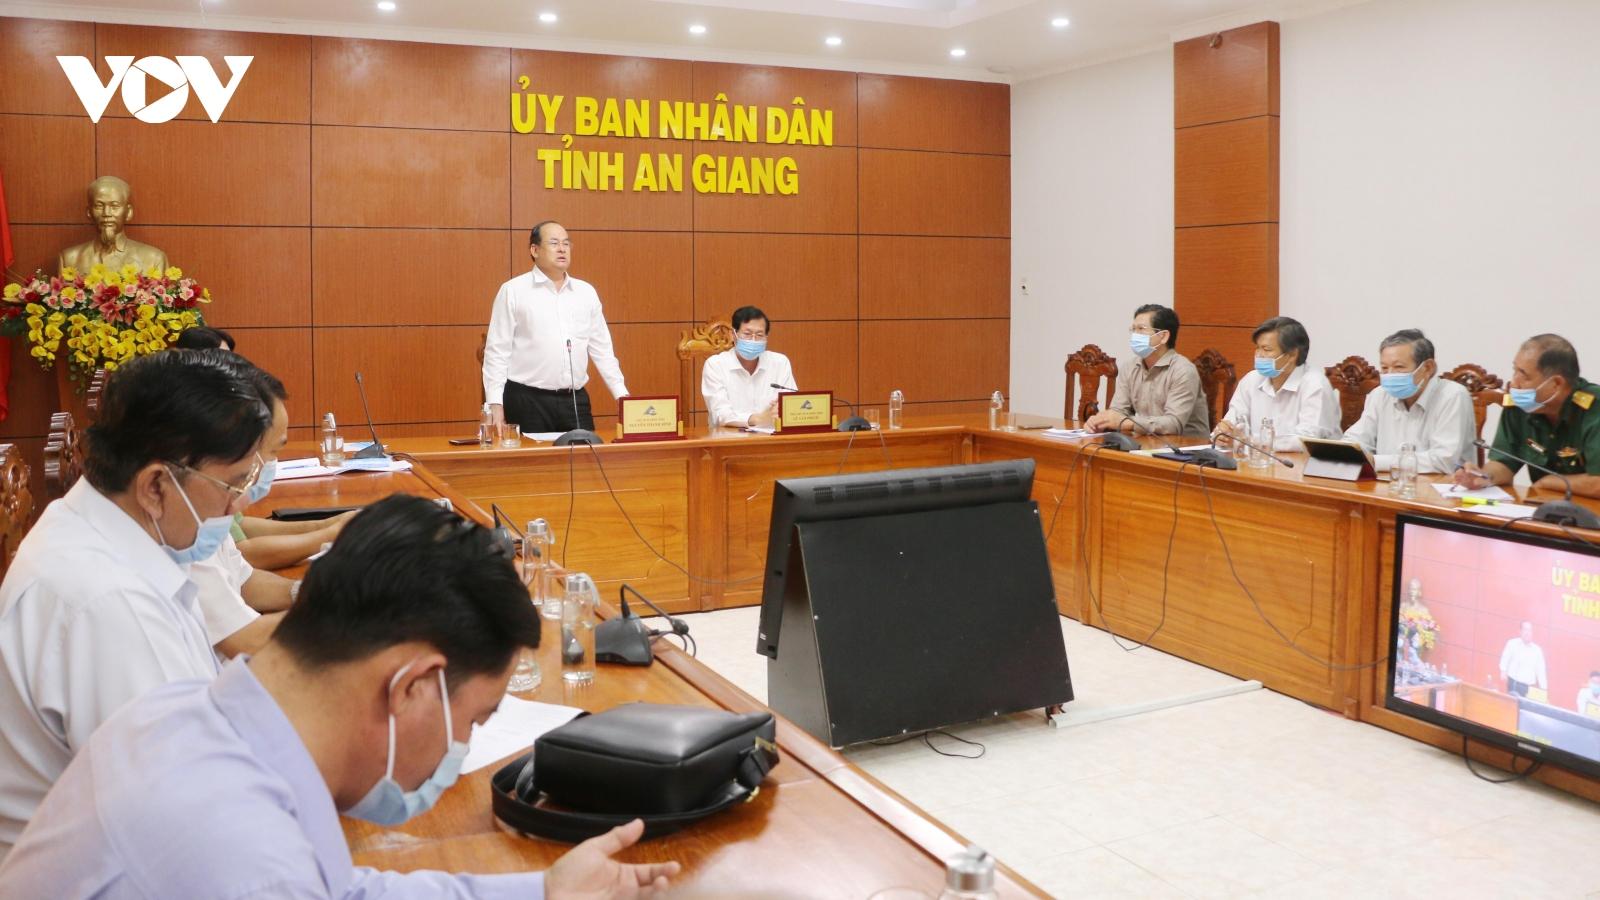 Công tác phòng, chống dịch Covid-19 tại An Giang được nâng lên mức cao nhất